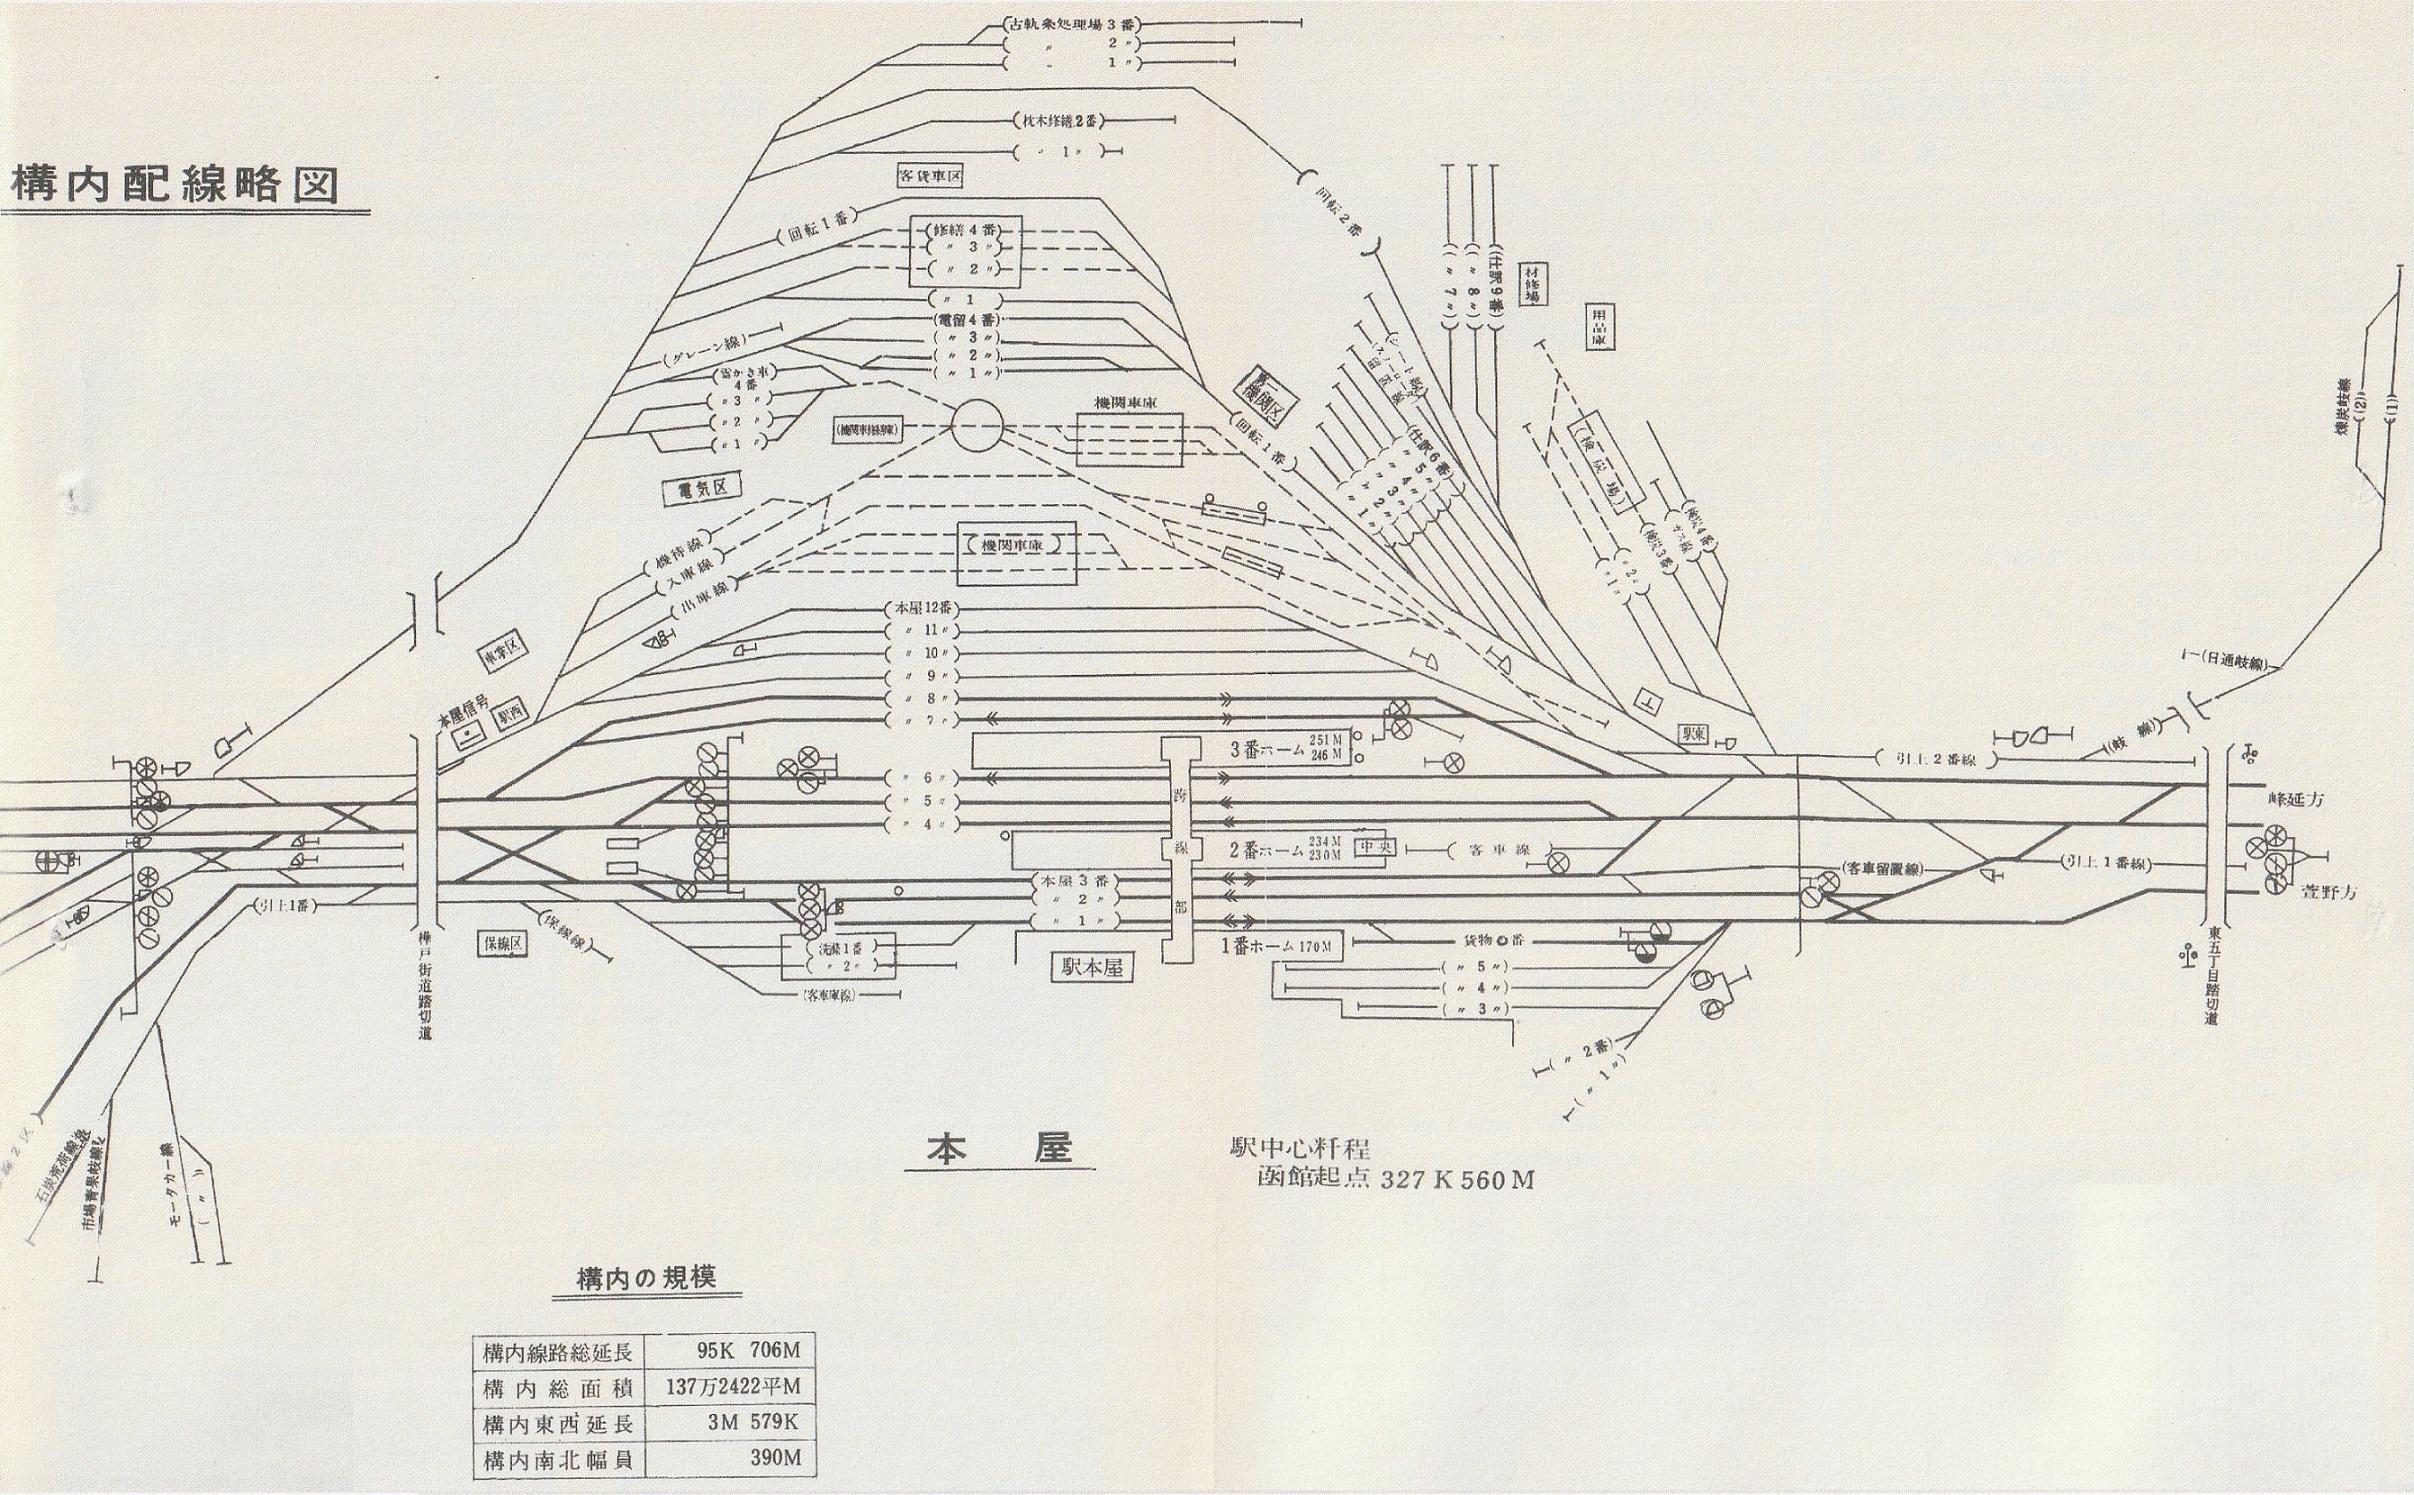 岩見沢駅本屋構内配線略図